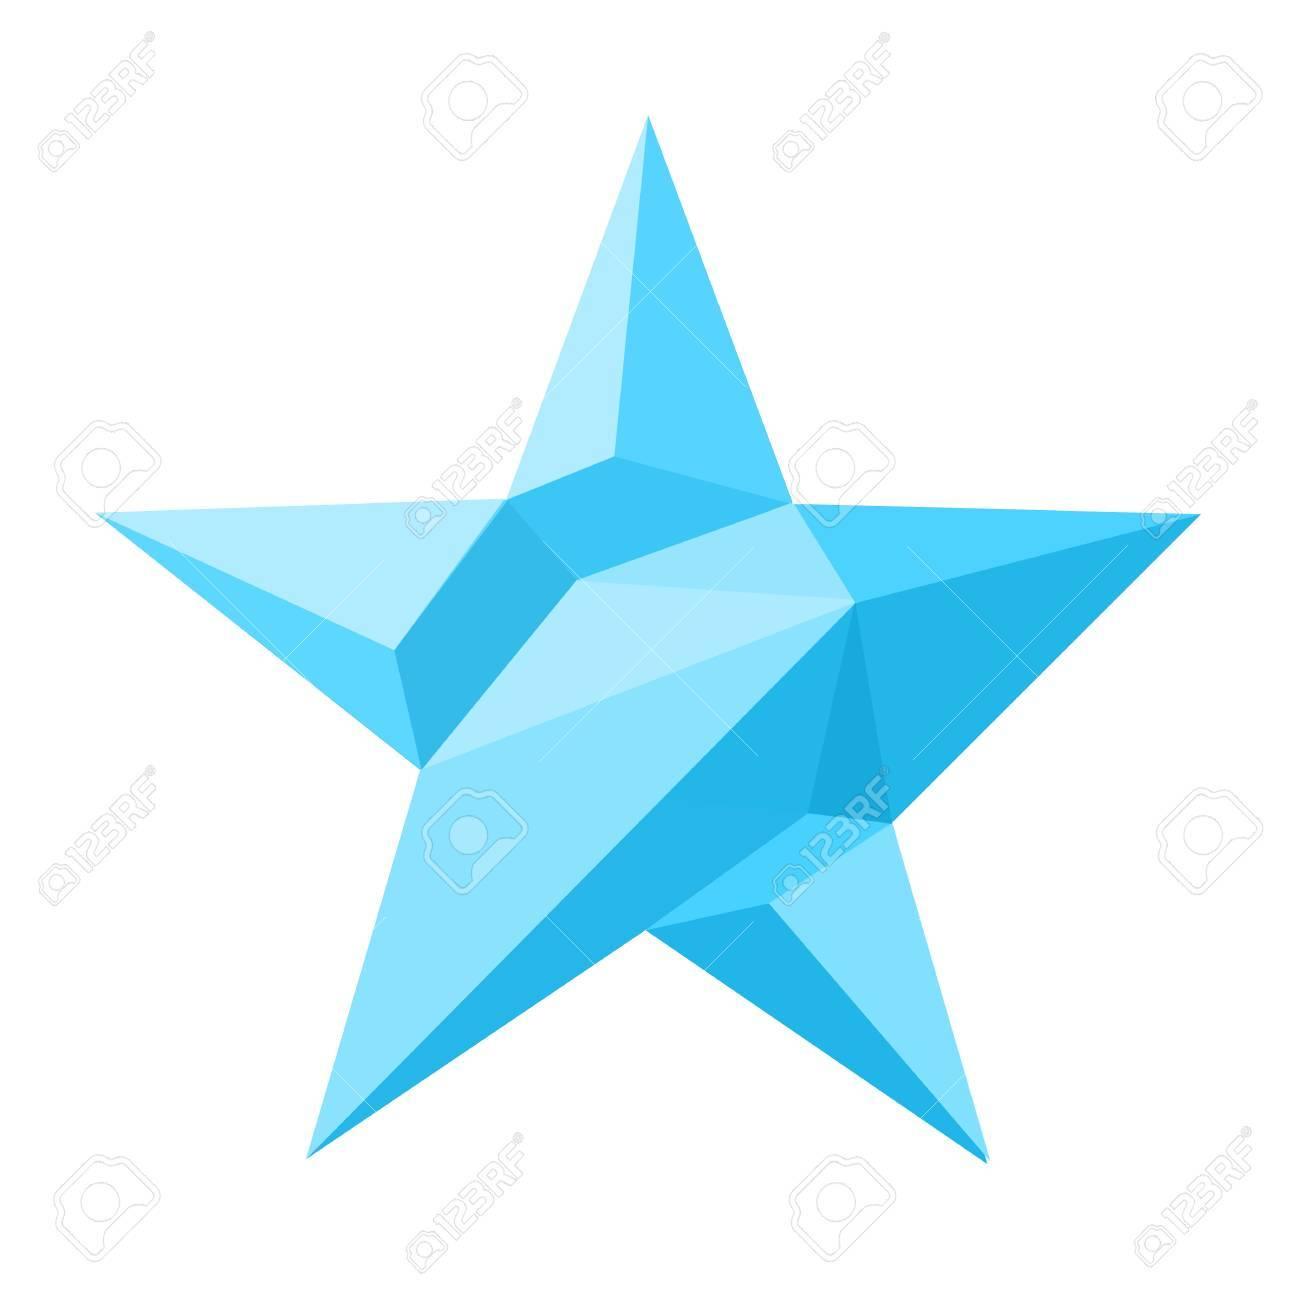 Vektor-Illustration Von Eis Stern. Sternschablone. Icon Sternförmig ...